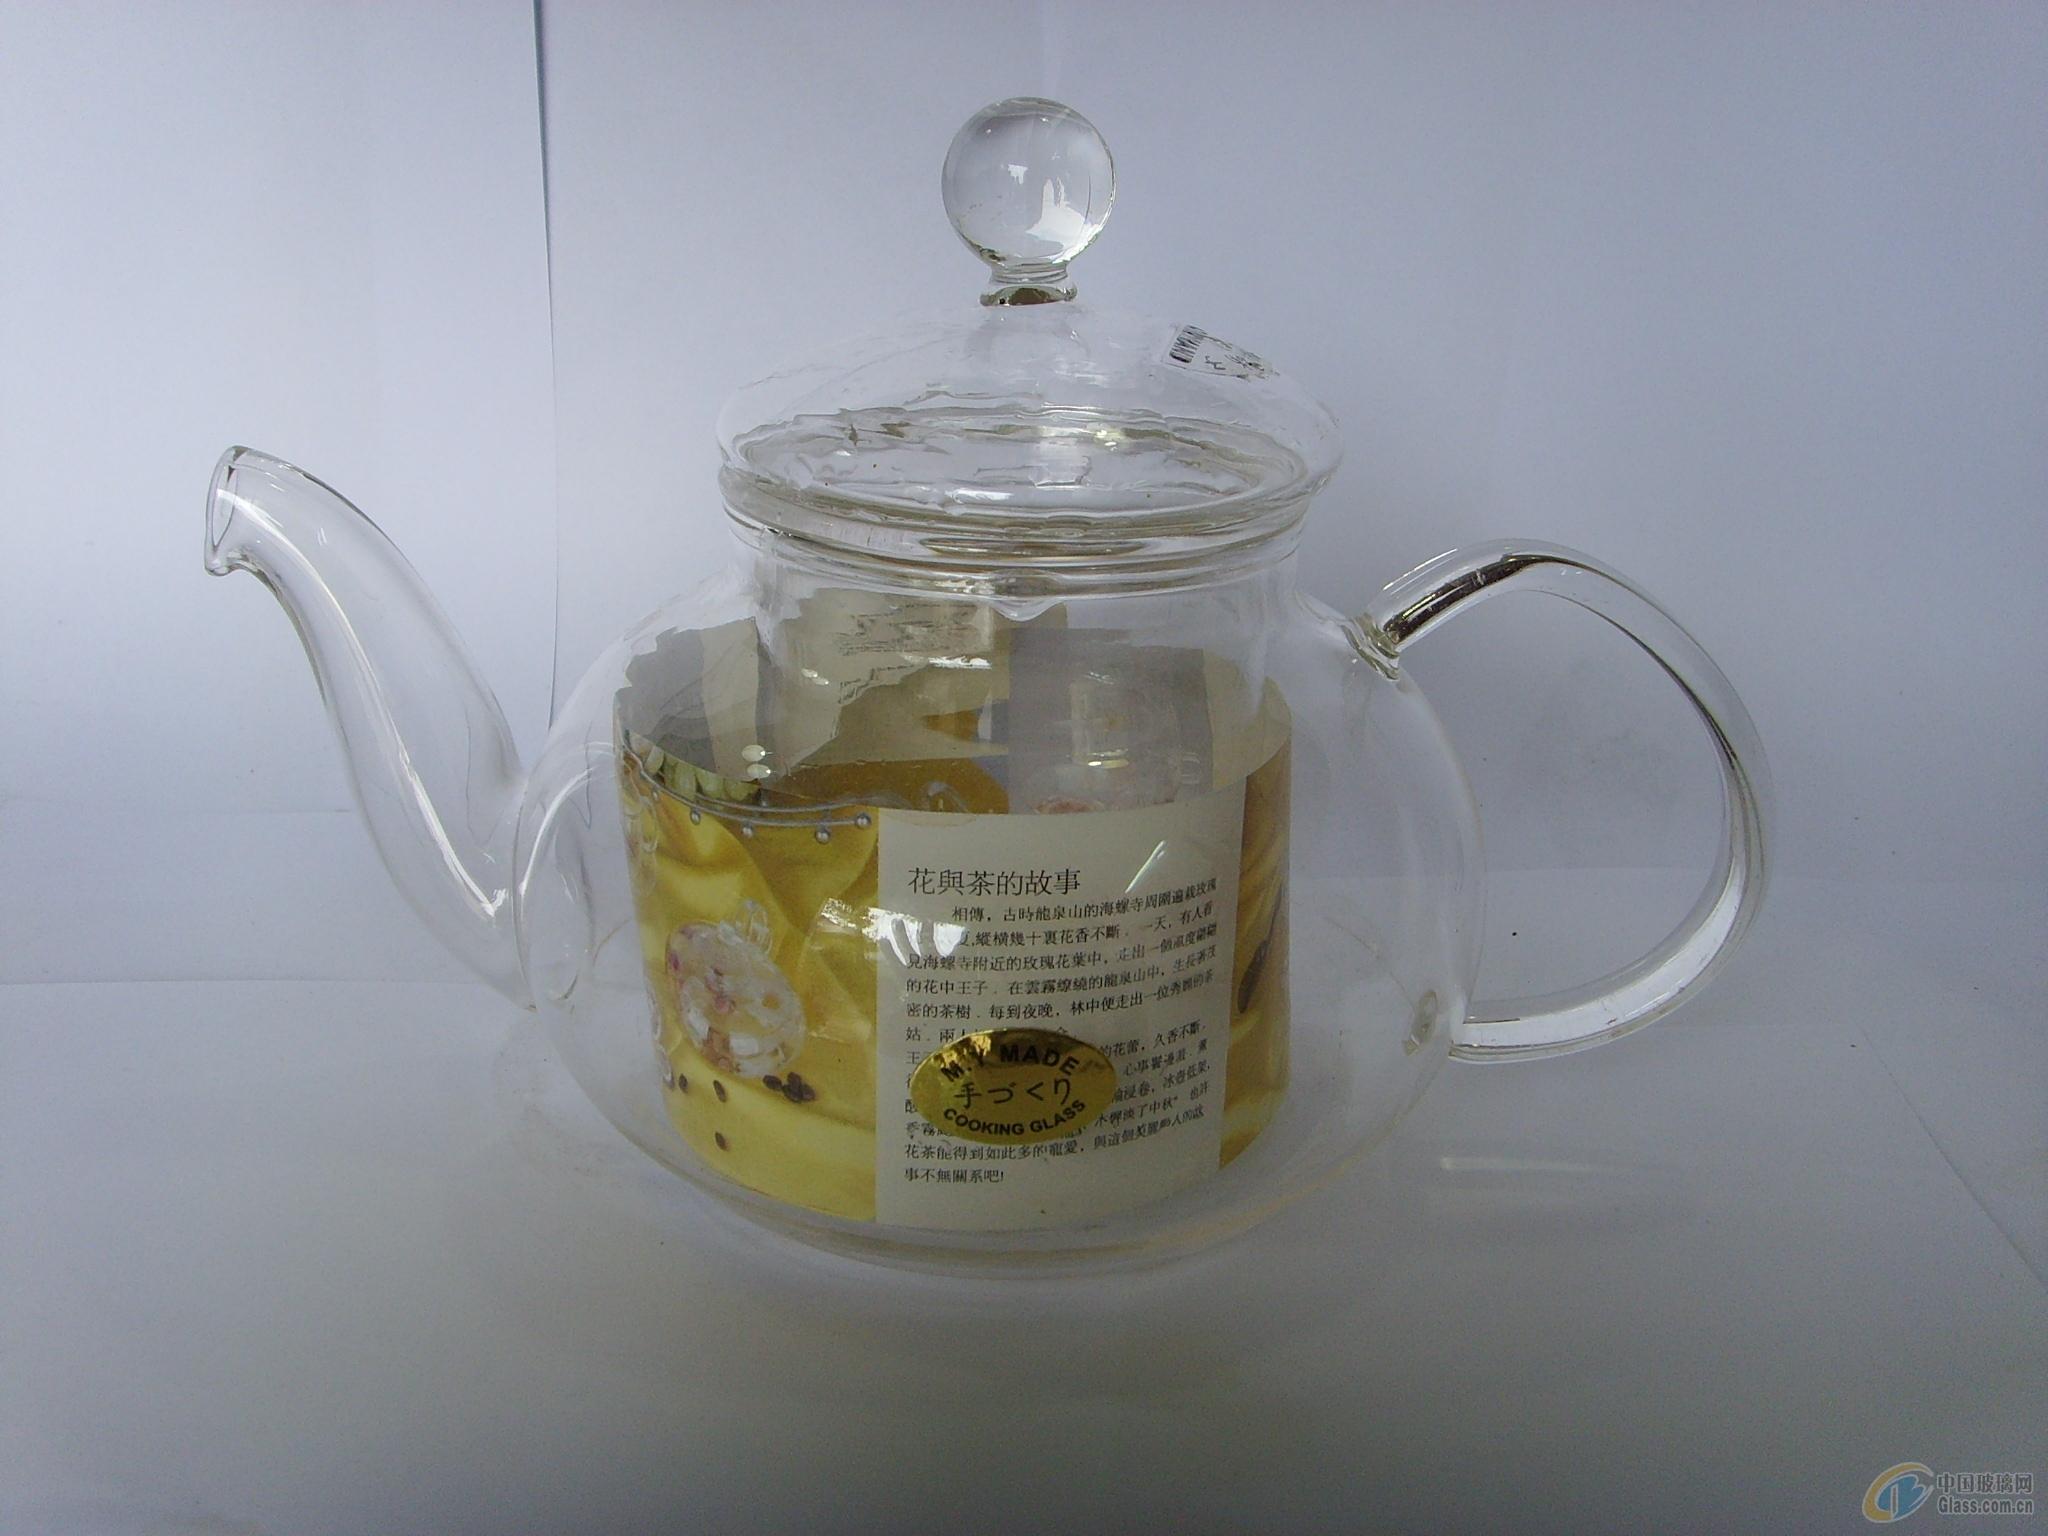 玻璃茶壶做工精细.选取材质上乘的高硼硅绿色环保玻璃,耐热,可在直火上直接加温,透明性强,安全无毒.耐热玻璃茶壶产品特点全透明玻璃材质,配合细致的手工技术,令茶壶总在不经意间流露出动人的光彩,煞是吸引。可用酒精炉,蜡烛等加热工具进行明火加热而不炸裂,也可从冰箱中取出,立即注入沸腾的水,具有美观,实用,方便的特点。全透明玻璃材质,配合细致的手工技术,令茶壶总在不经意间流露出动人的光彩,煞是吸引。玻璃茶壶较一般器皿的玻璃不含锑等金属氧化物,完全合乎世界通用花茶壶标准,较常用的铝,搪瓷和不锈钢,可免除铝,铅等金属